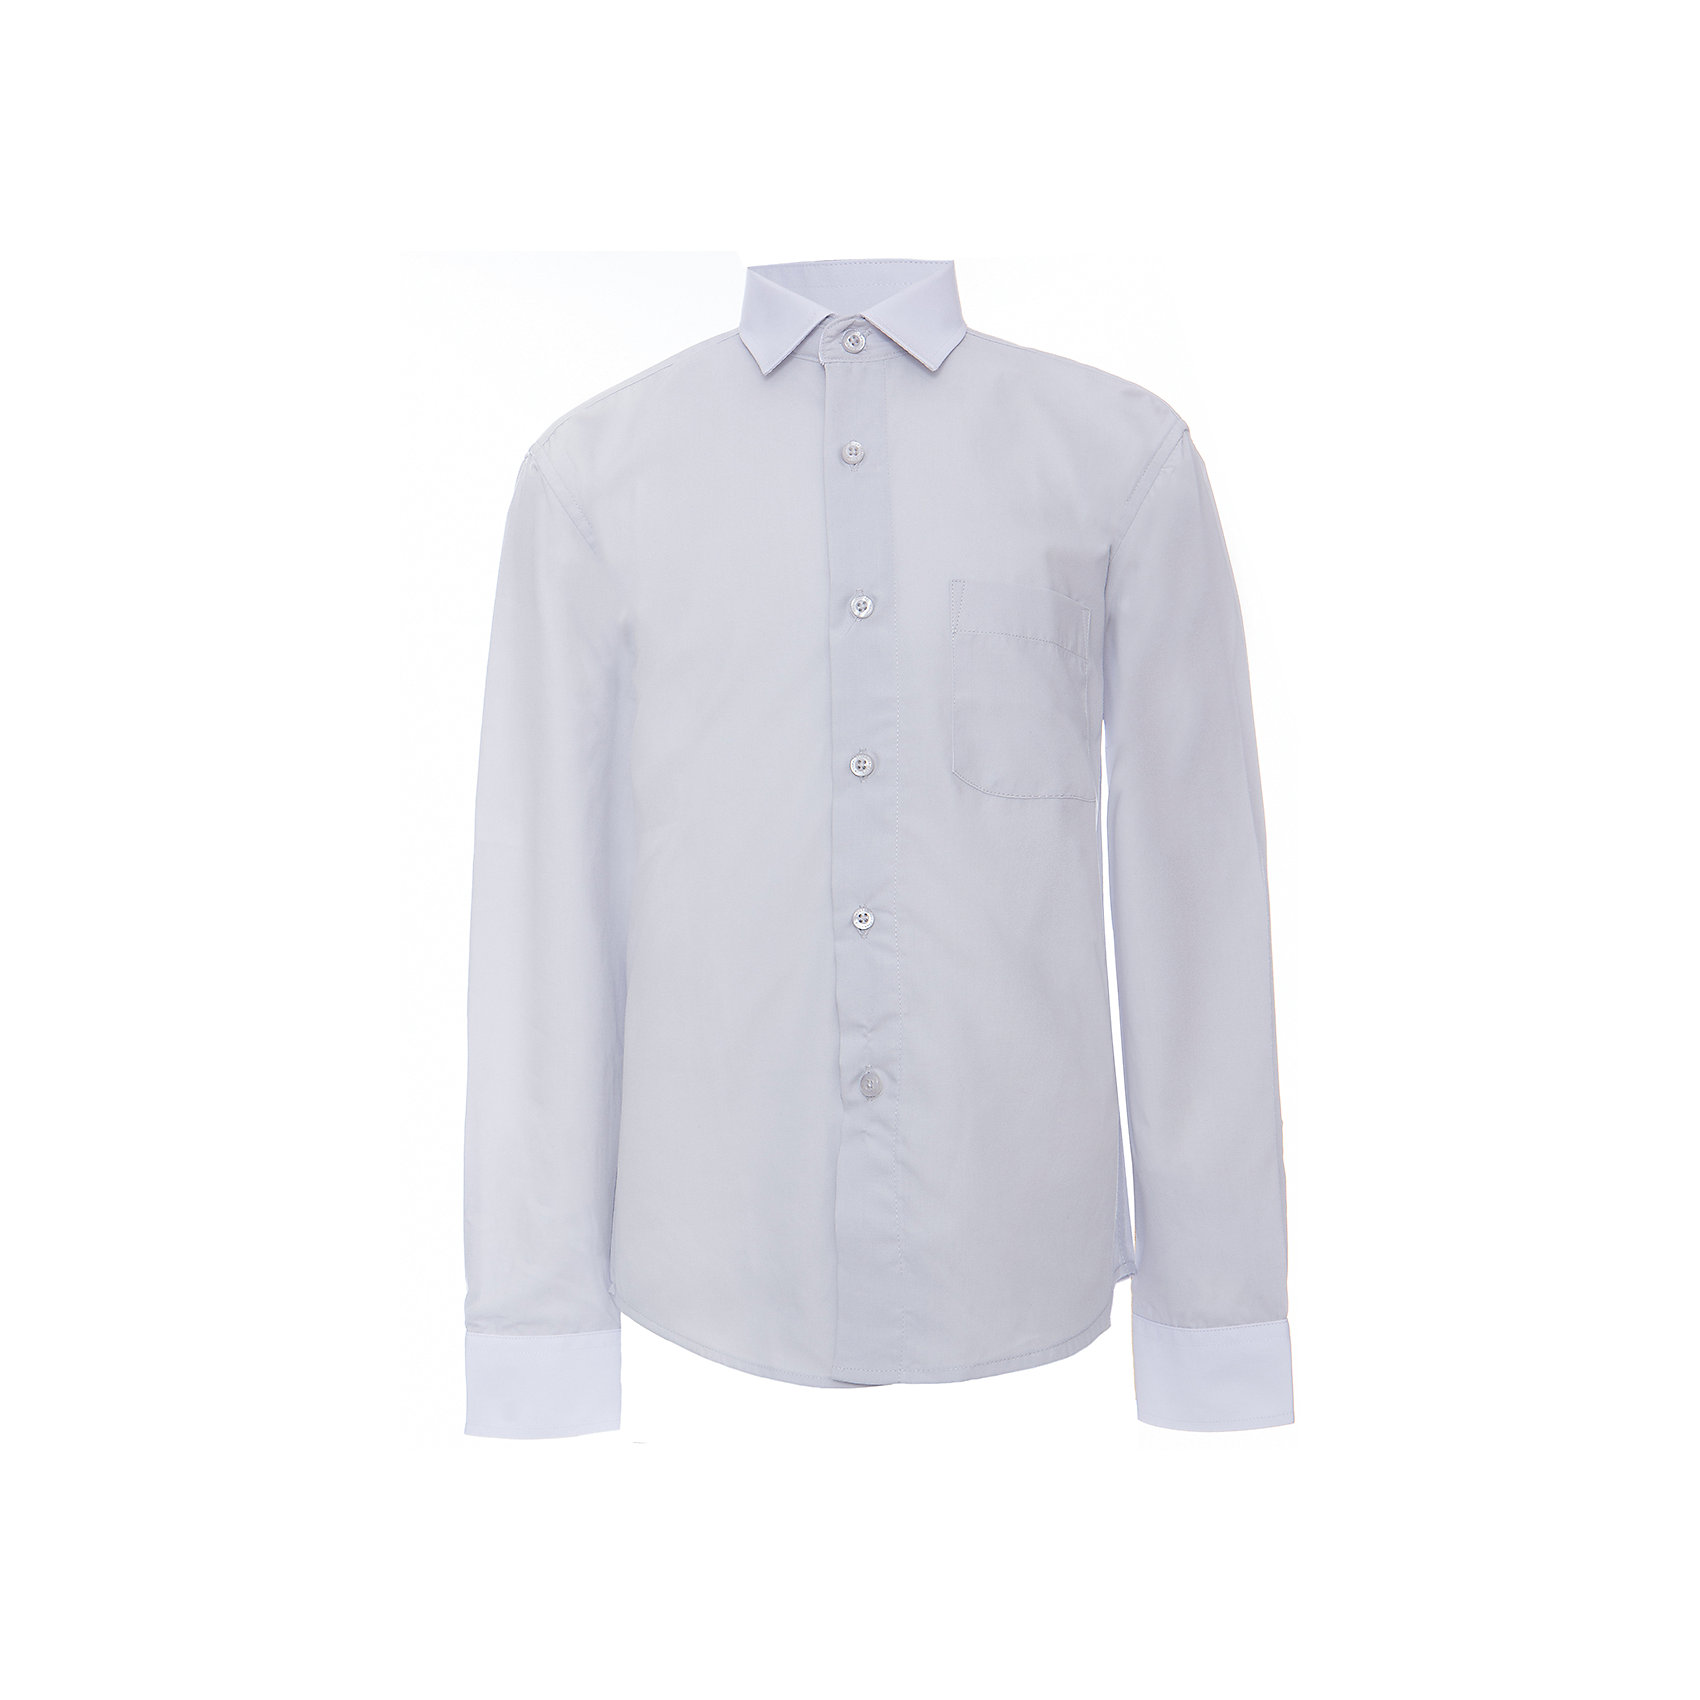 Рубашка для мальчика ImperatorБлузки и рубашки<br>Классическая рубашка - неотьемлемая вещь в гардеробе. Модель на пуговицах, с отложным воротником. Свободный покрой не стеснит движений и позволит чувствовать себя комфортно каждый день.  Состав 55 % хл. 45% П/Э<br><br>Ширина мм: 174<br>Глубина мм: 10<br>Высота мм: 169<br>Вес г: 157<br>Цвет: серый<br>Возраст от месяцев: 168<br>Возраст до месяцев: 180<br>Пол: Мужской<br>Возраст: Детский<br>Размер: 164/170,122/128,128/134,134/140,140/146,146/152,146/152,152/158,152/158,158/164<br>SKU: 4749535